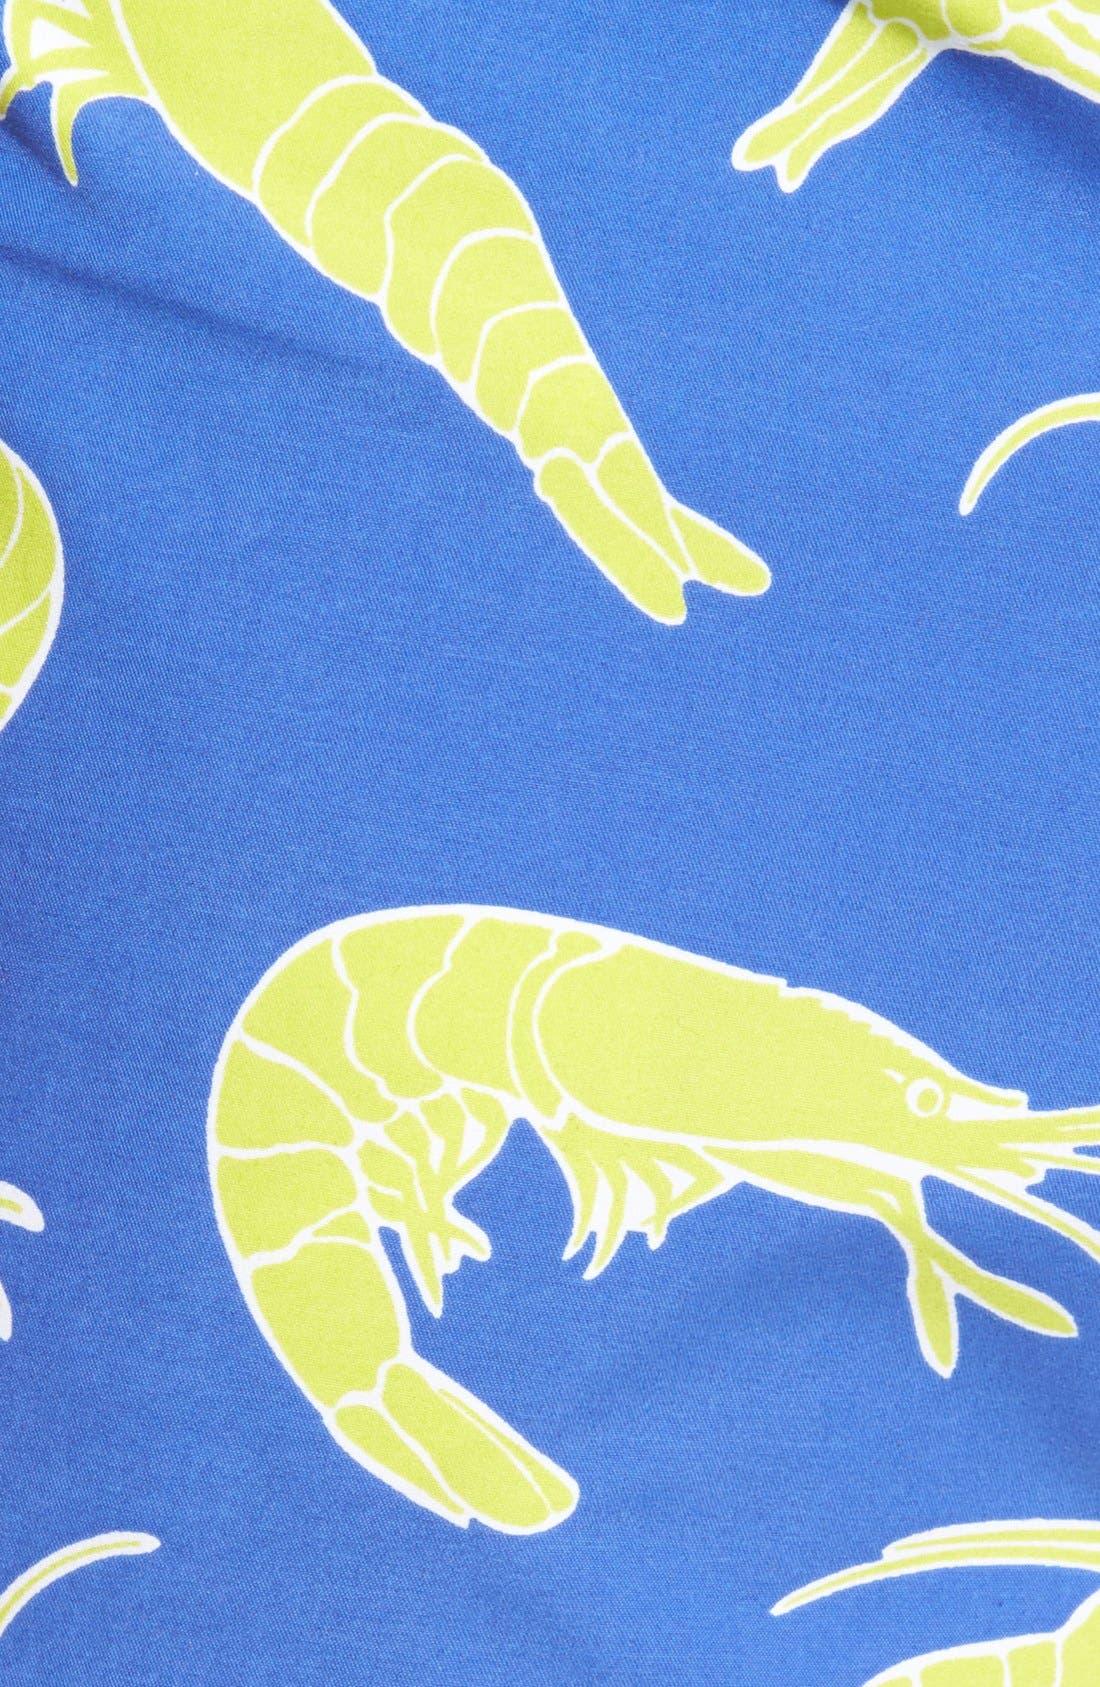 'Moorea' Shrimp Swim Trunks,                             Alternate thumbnail 5, color,                             Celestial Blue